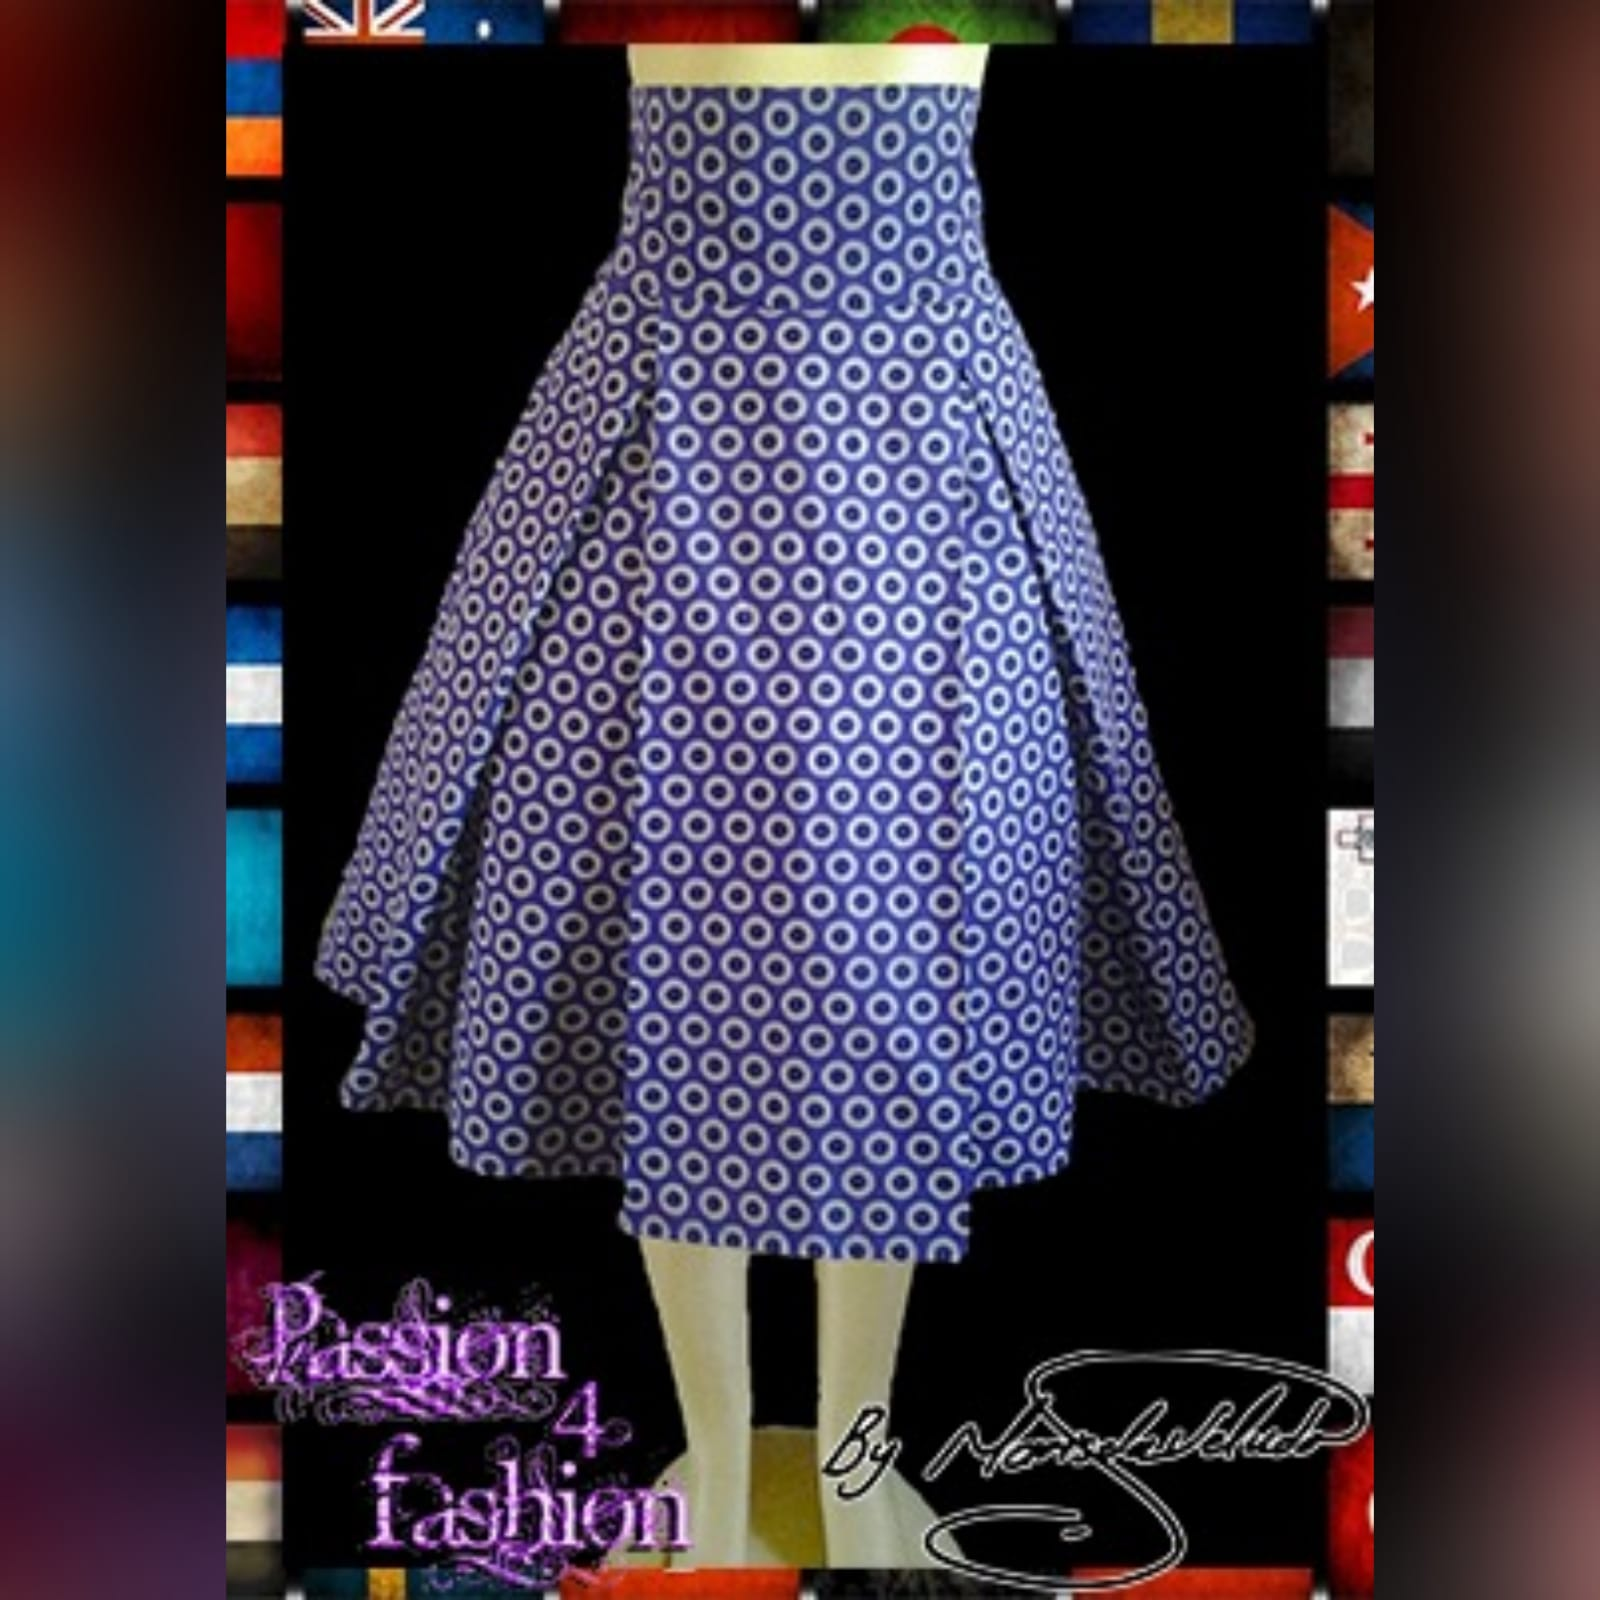 High waisted traditional shweshwe skirt 1 shweshwe traditional skirt with a high wide waistband and large pleats in purple circular shweshwe pattern.